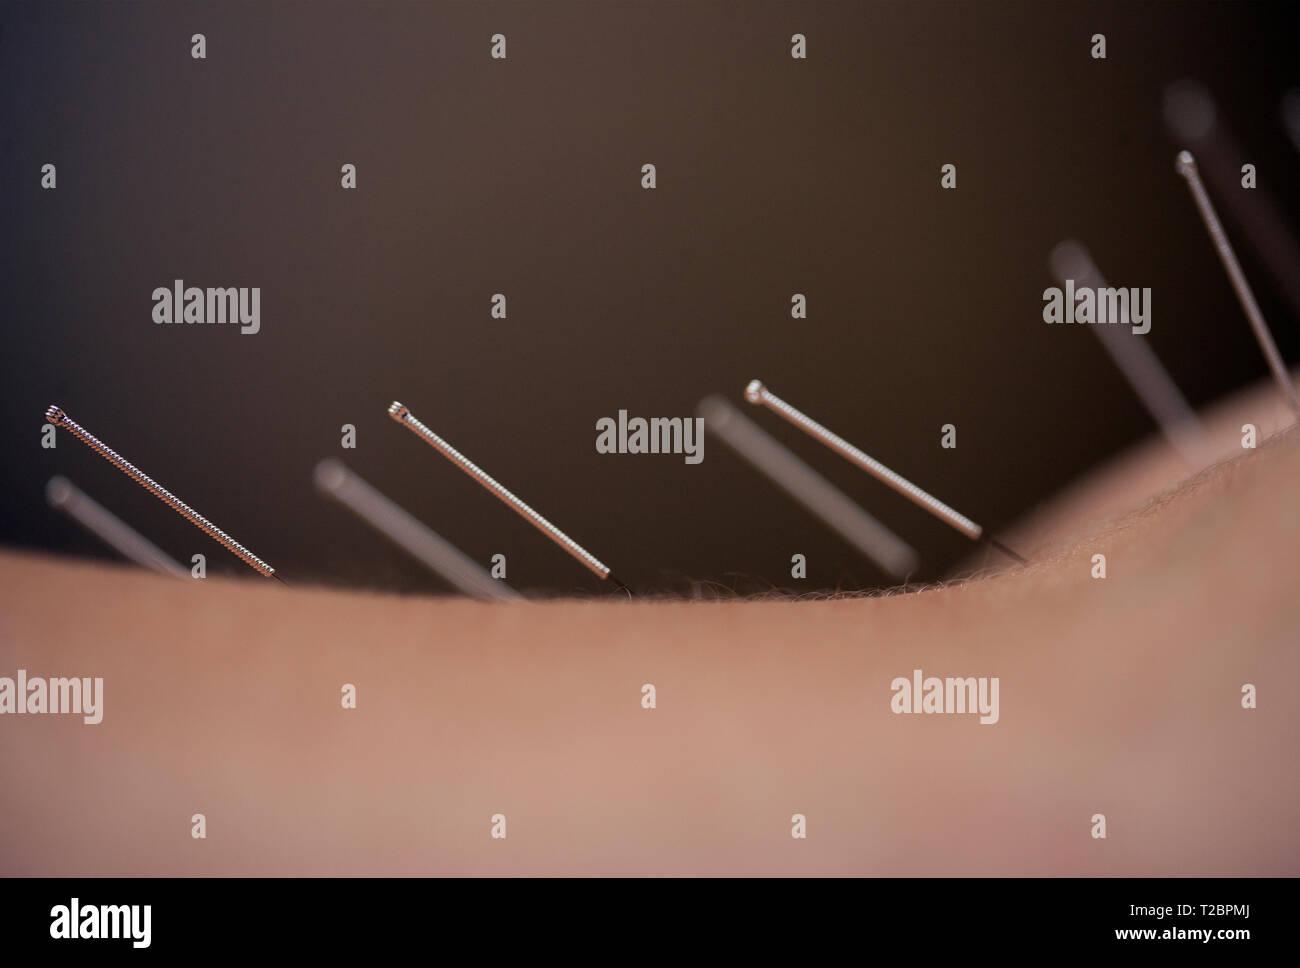 Las agujas de acupuntura en la espalda de una mujer. Imagen De Stock